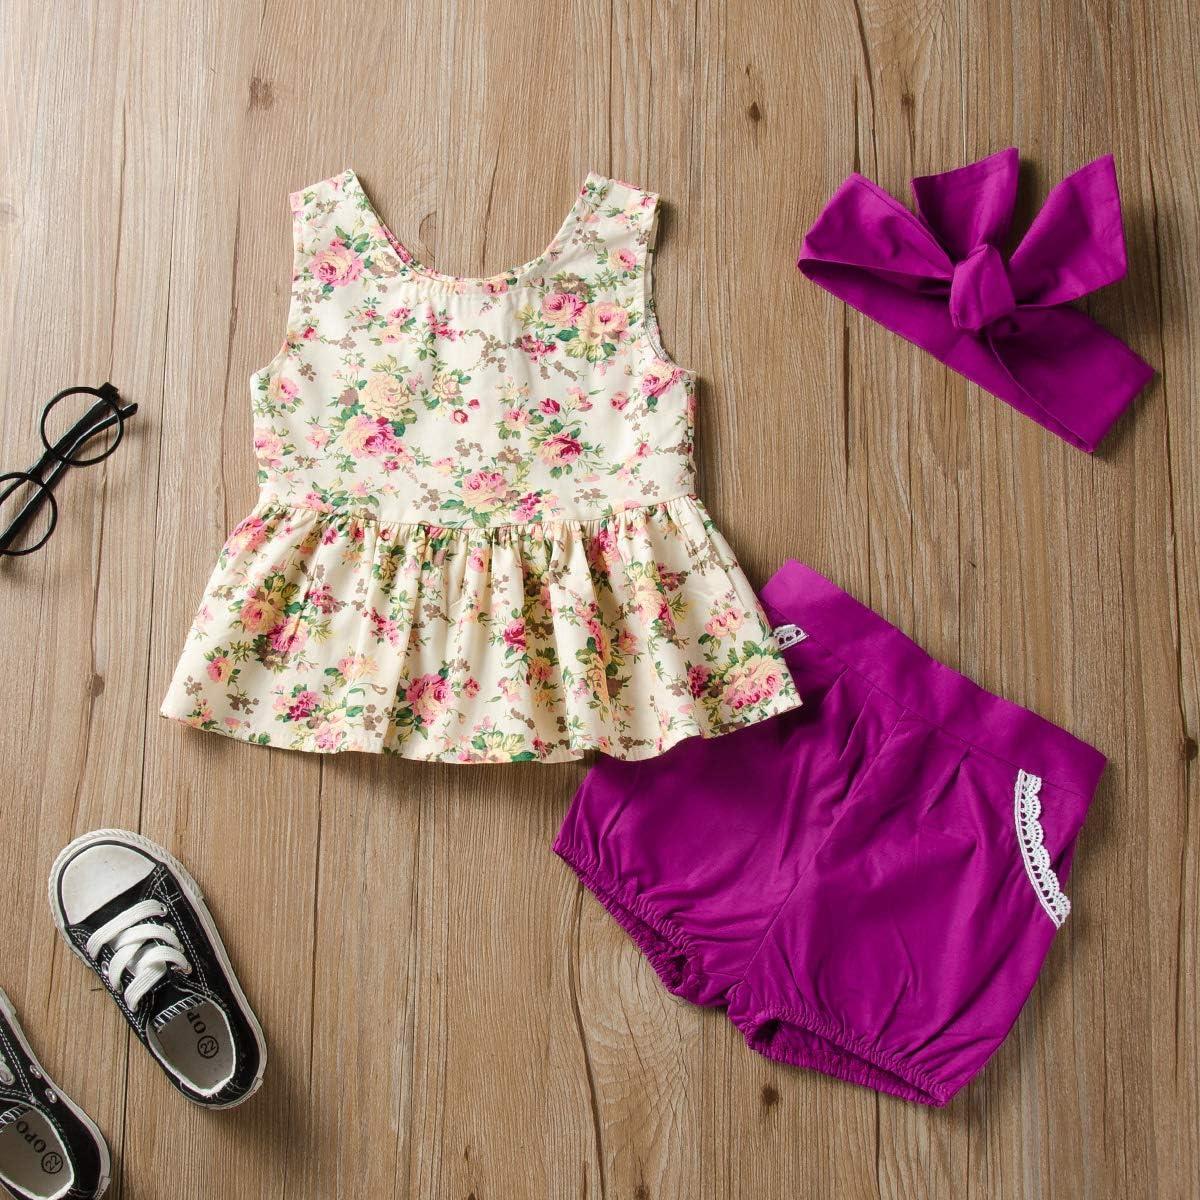 Shorts Tianhaik 0-24 Monate Kleinkind Baby M/ädchen Floral Weste Stirnband Kleidung Anzug Lila, 18-24 M